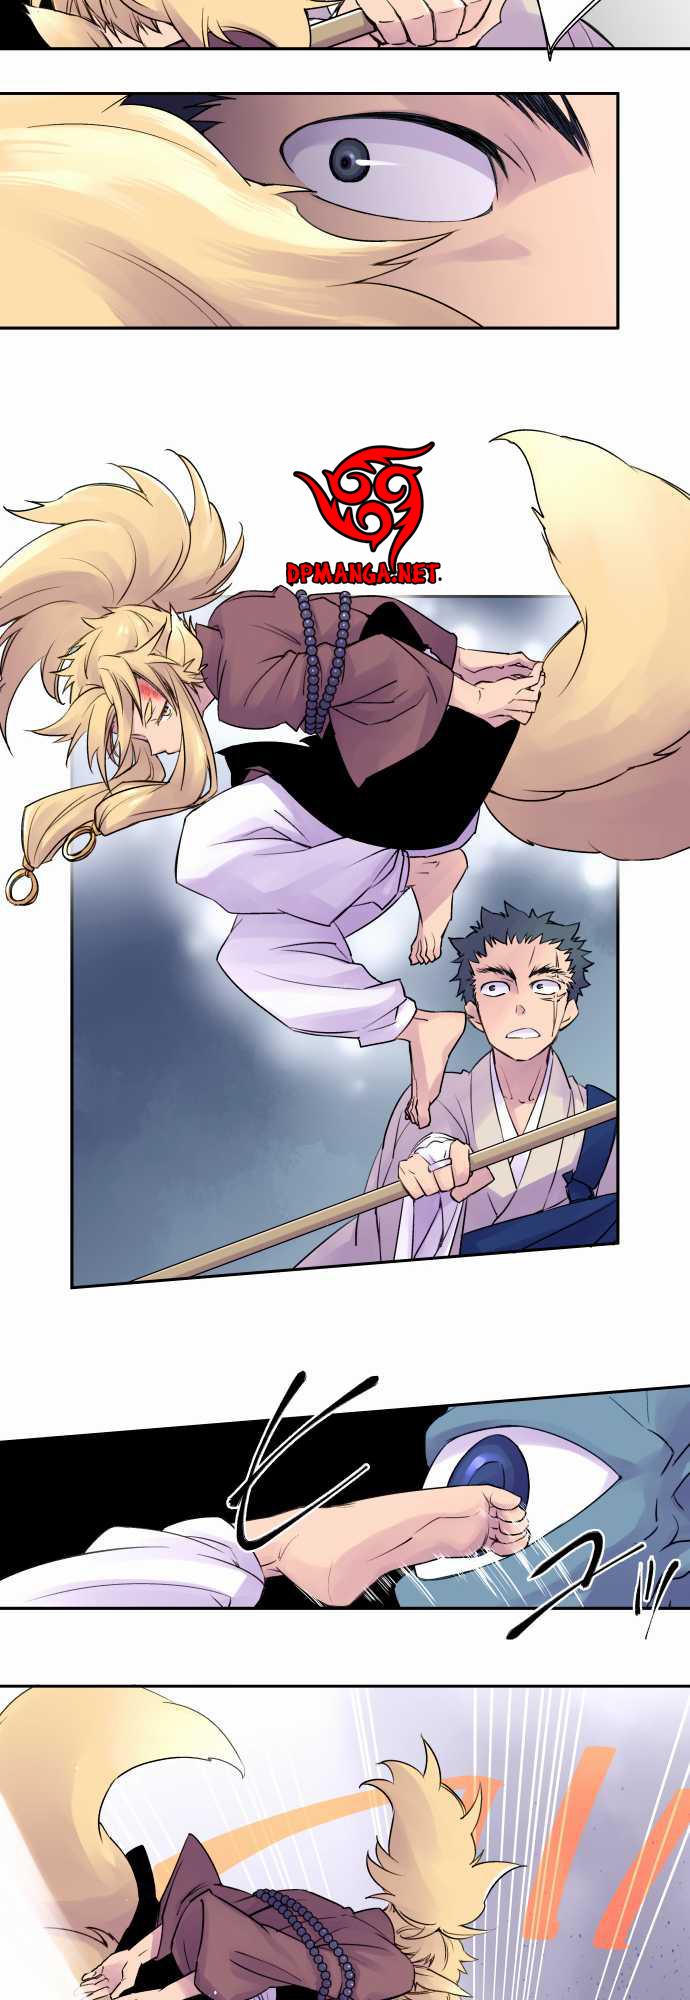 Ake no Tobari - Chương 1 - Pic 15